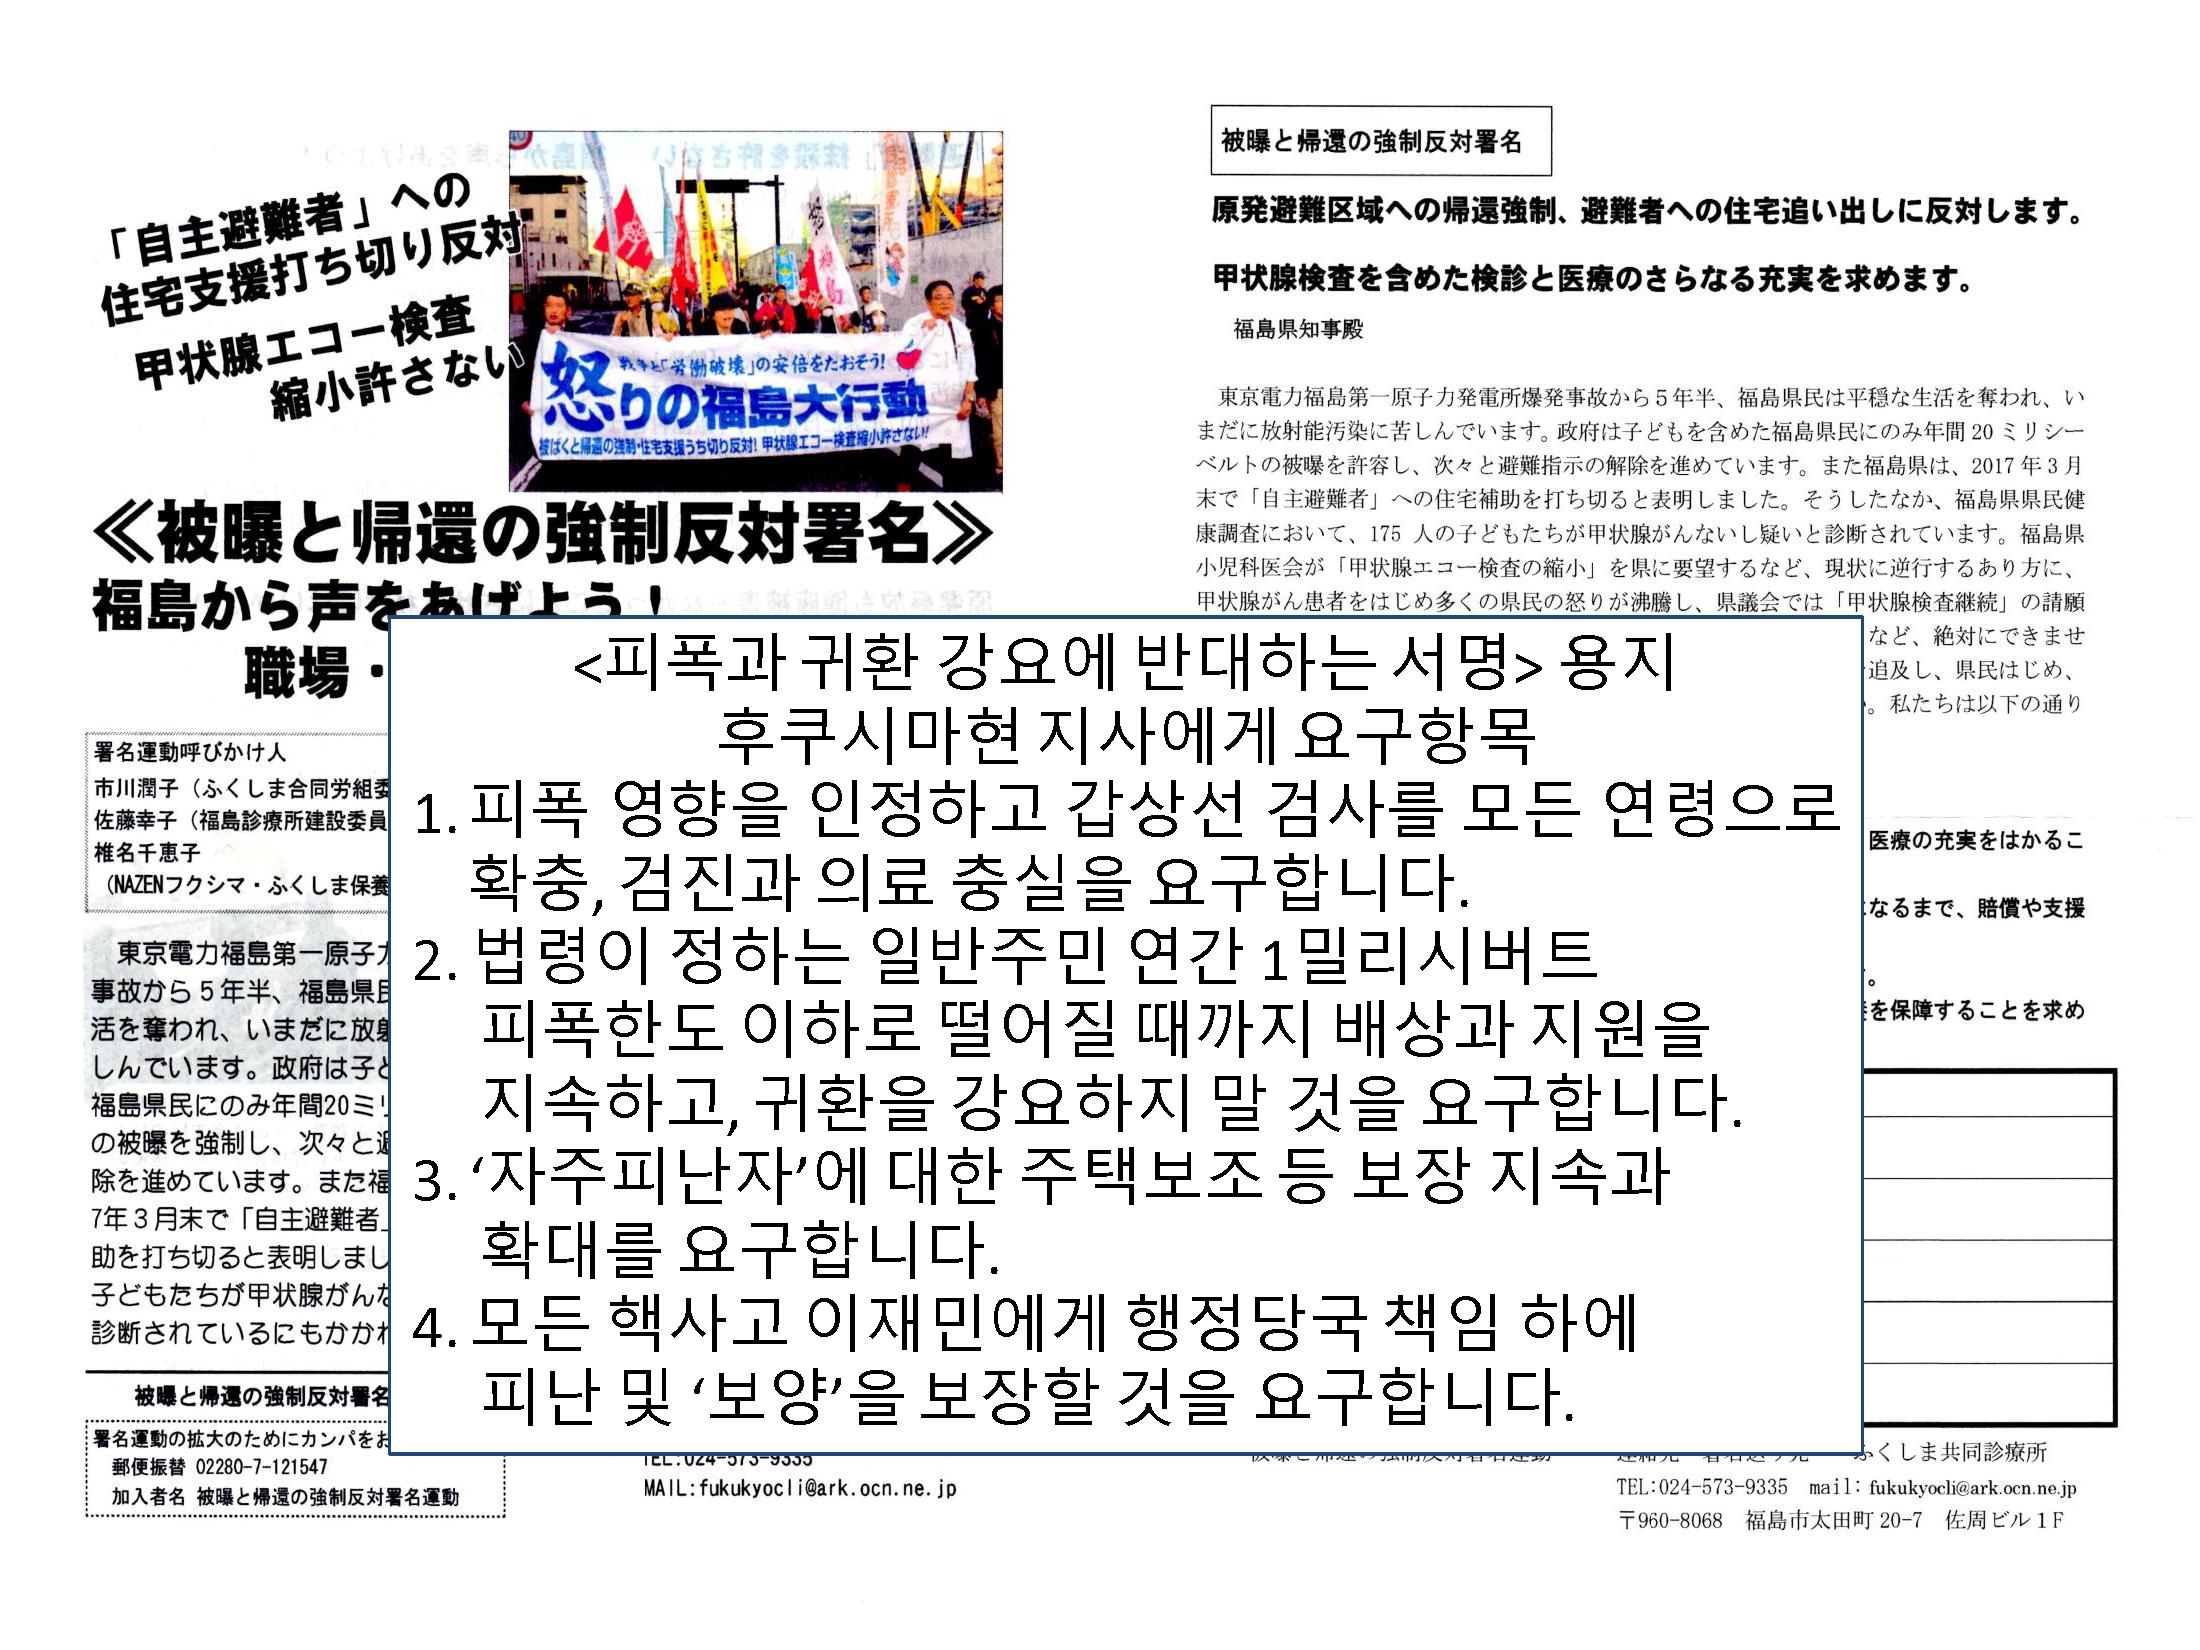 피폭과 귀환 강요에 반대하는 서명 용지